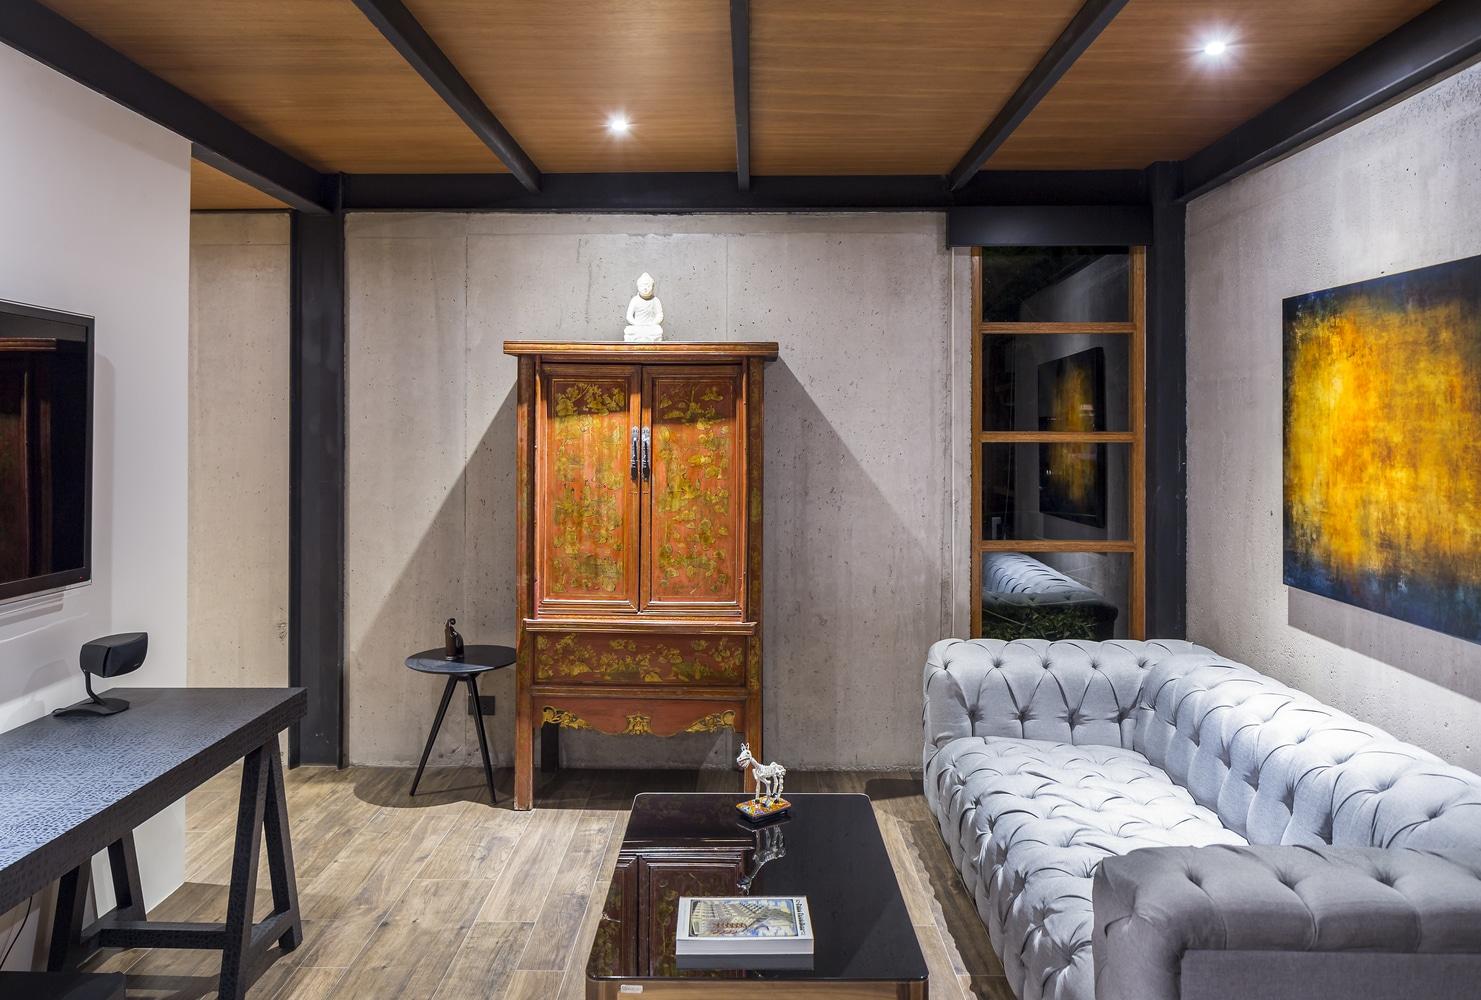 Dise o de sala sencilla paredes de hormig n y techos de madera construye hogar - Construye hogar ...